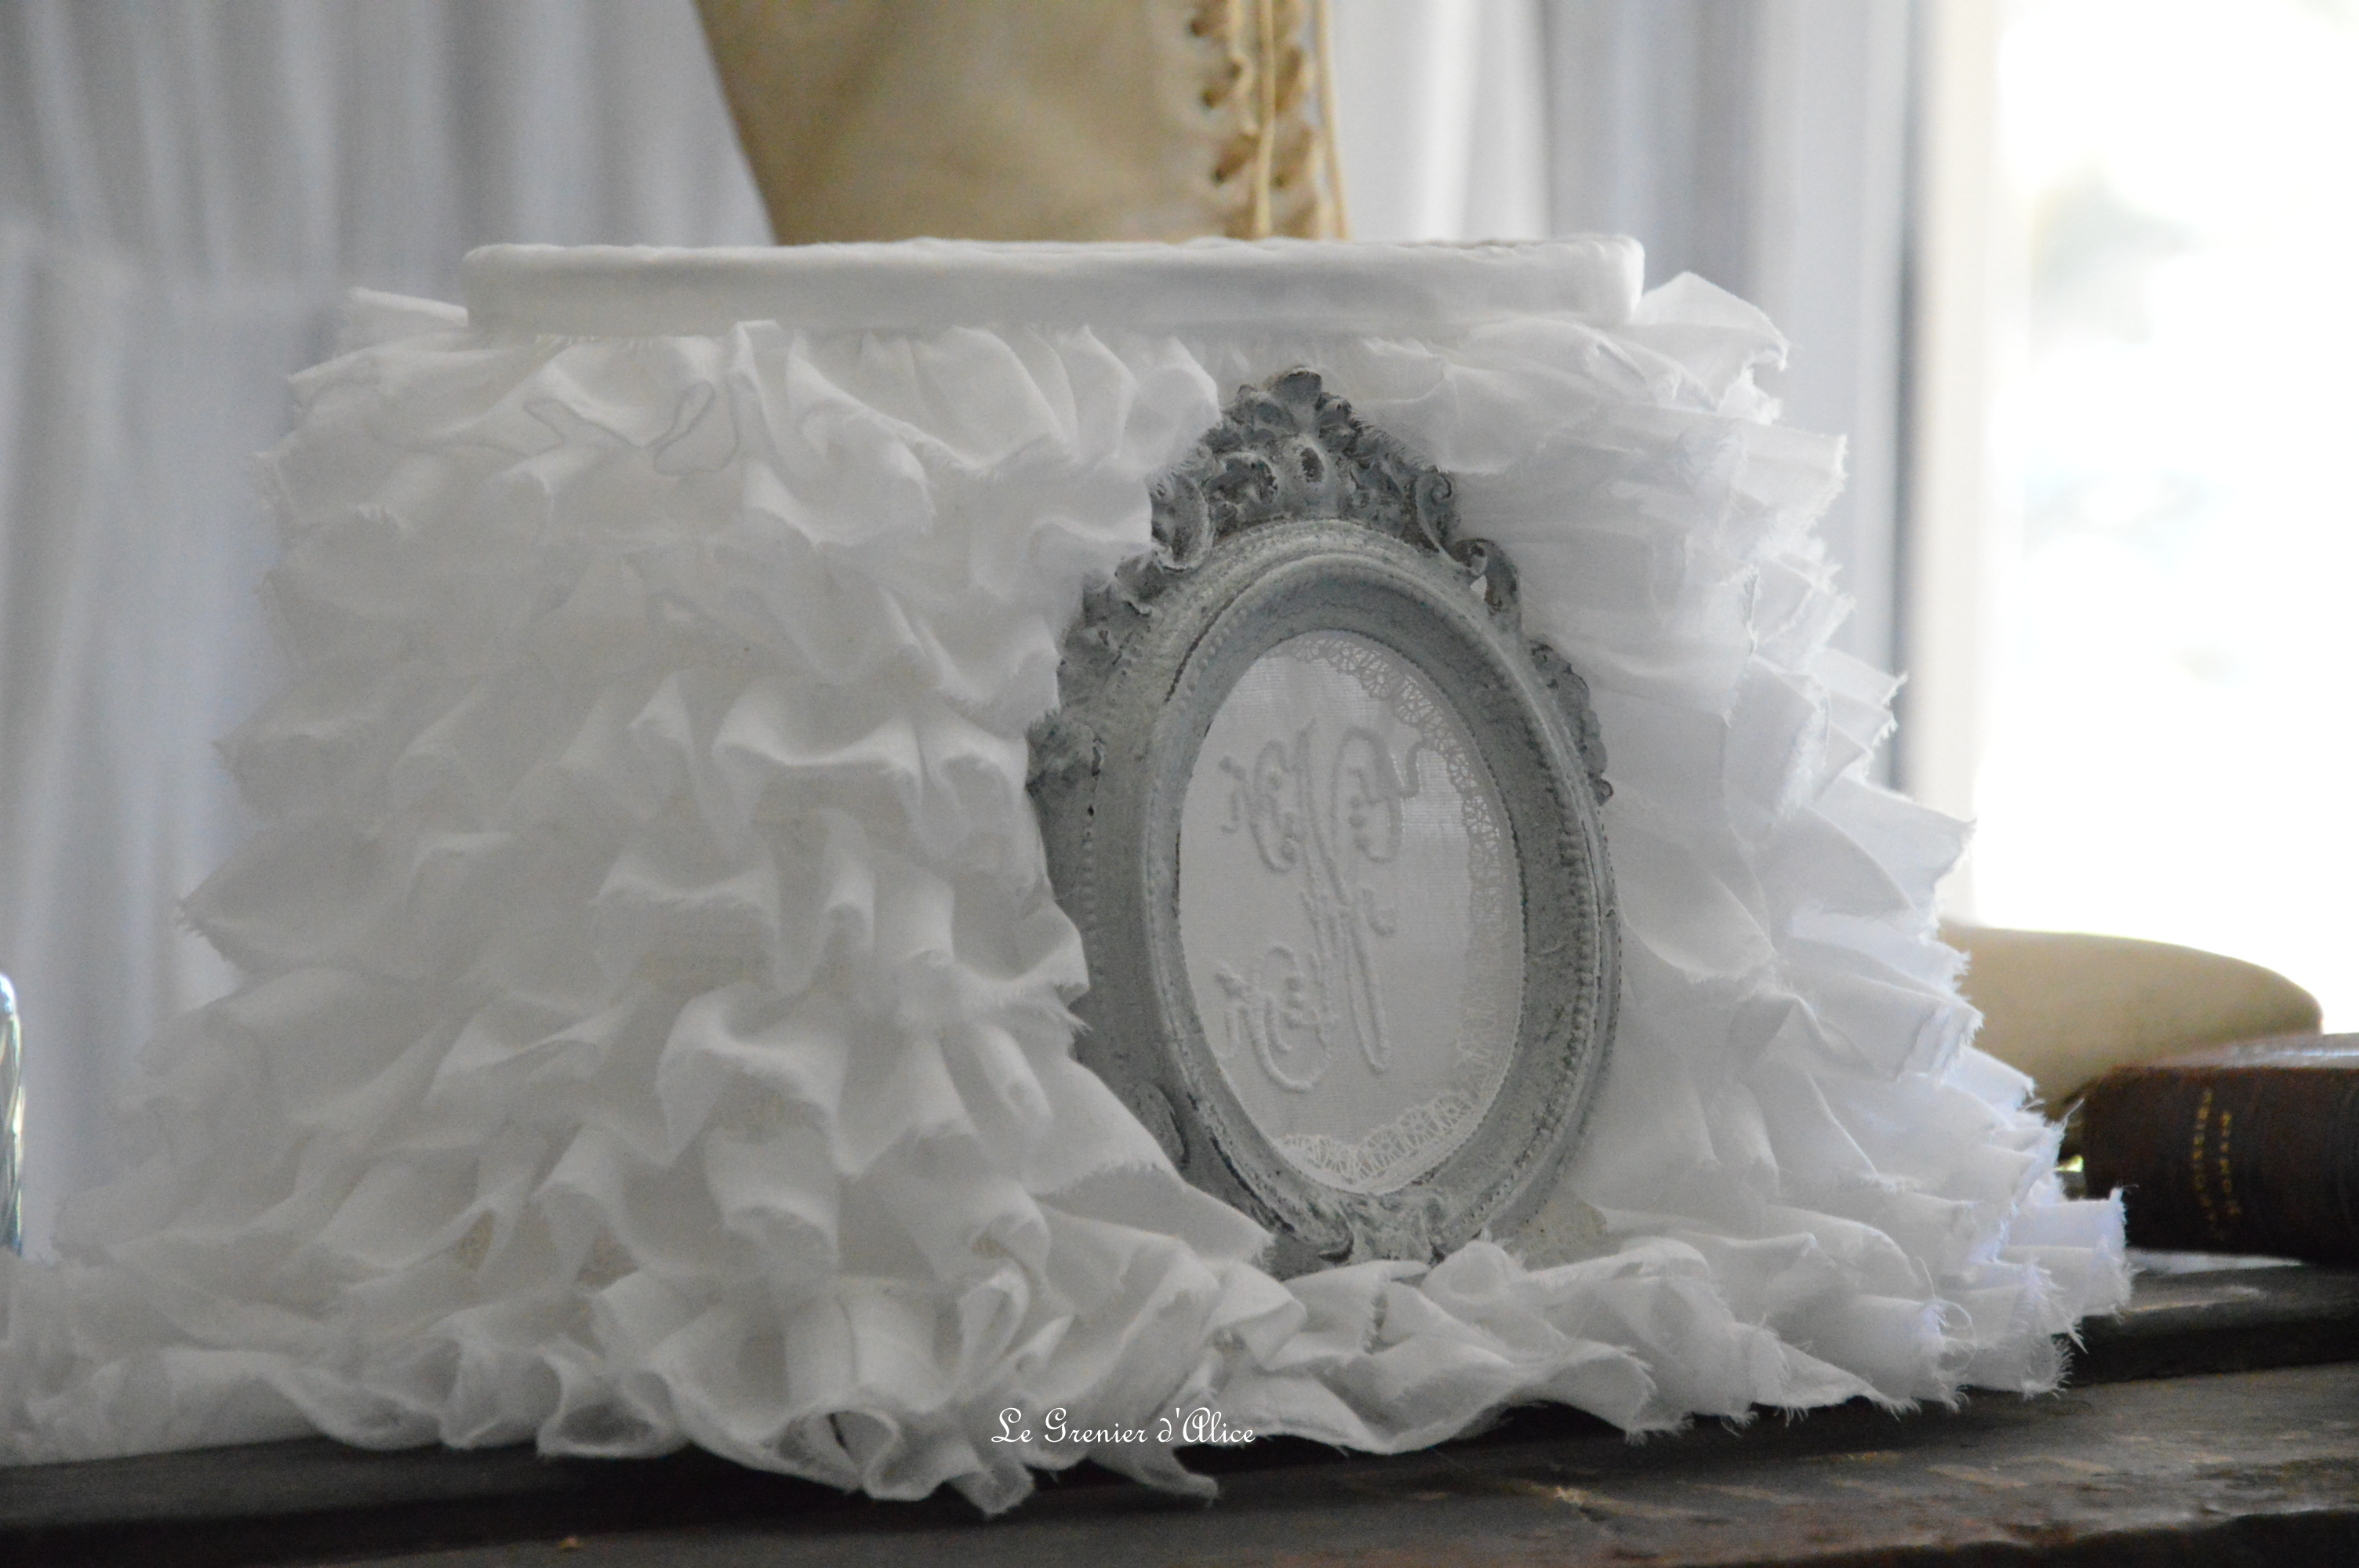 Abat-jour-oval-froufrou-organdi-blanc-shabby-chic-et-romantique-monogramme-ornement-patin%C3%A9-gris-gustavien-Shabby-ruffle-lampshade-1 Impressionnant De Confiturier Blanc Des Idées